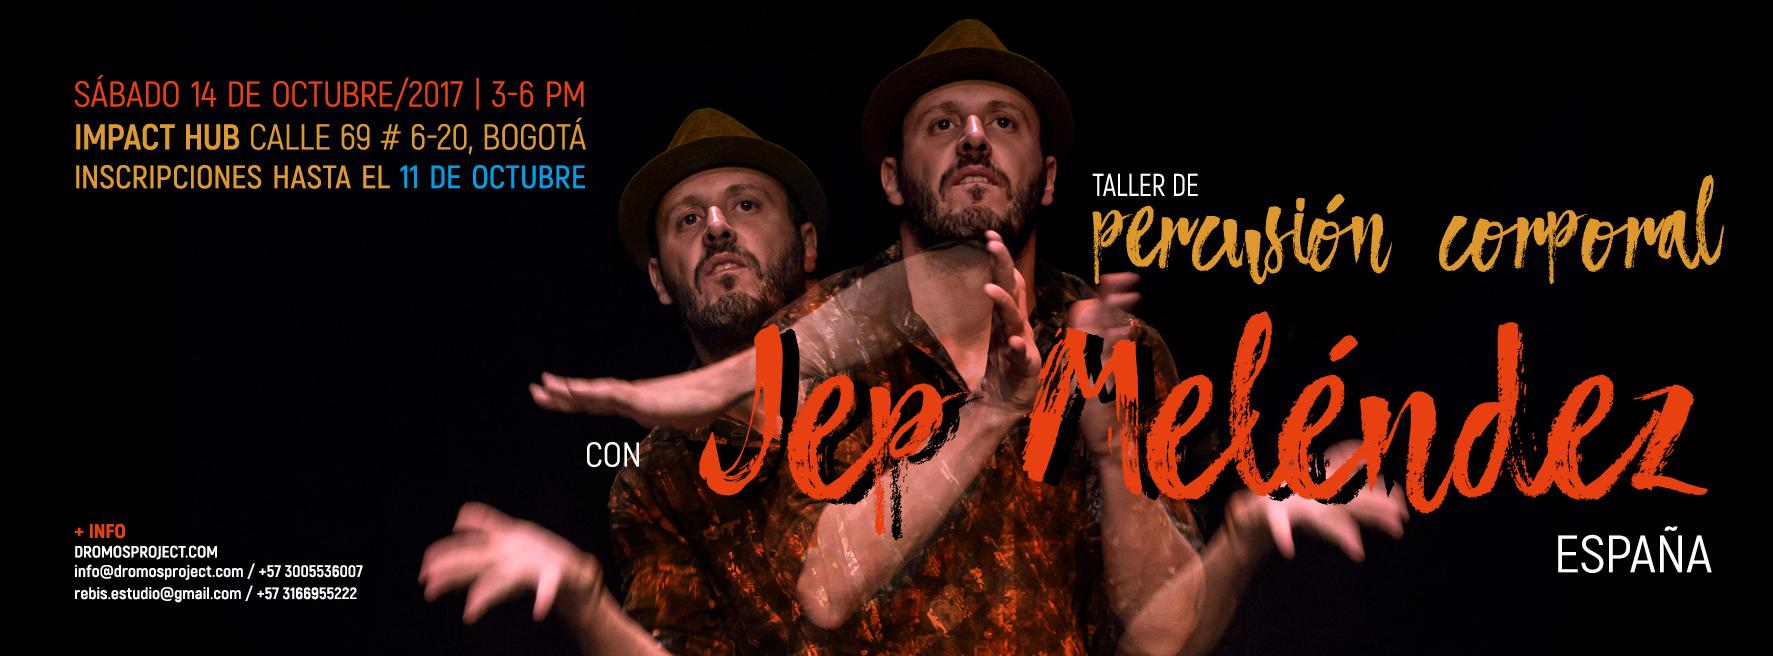 Promo_jep_tallerepublico_portada